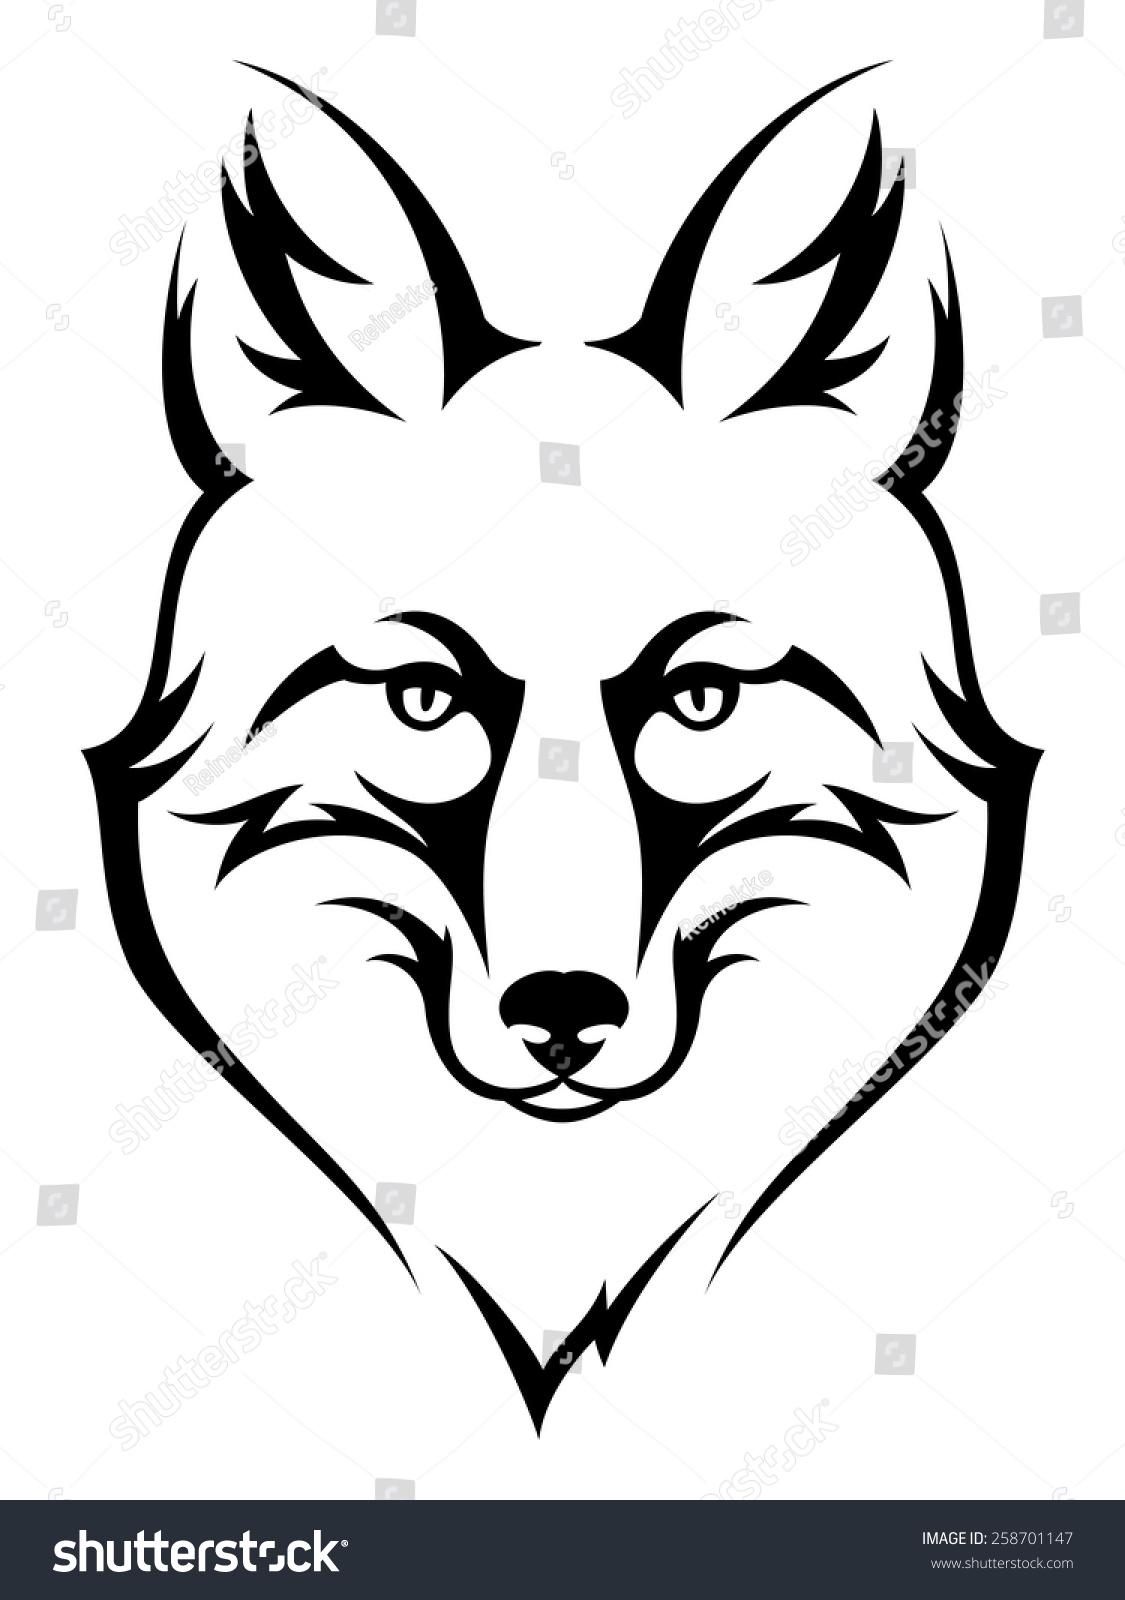 Simple fox head outline - photo#22